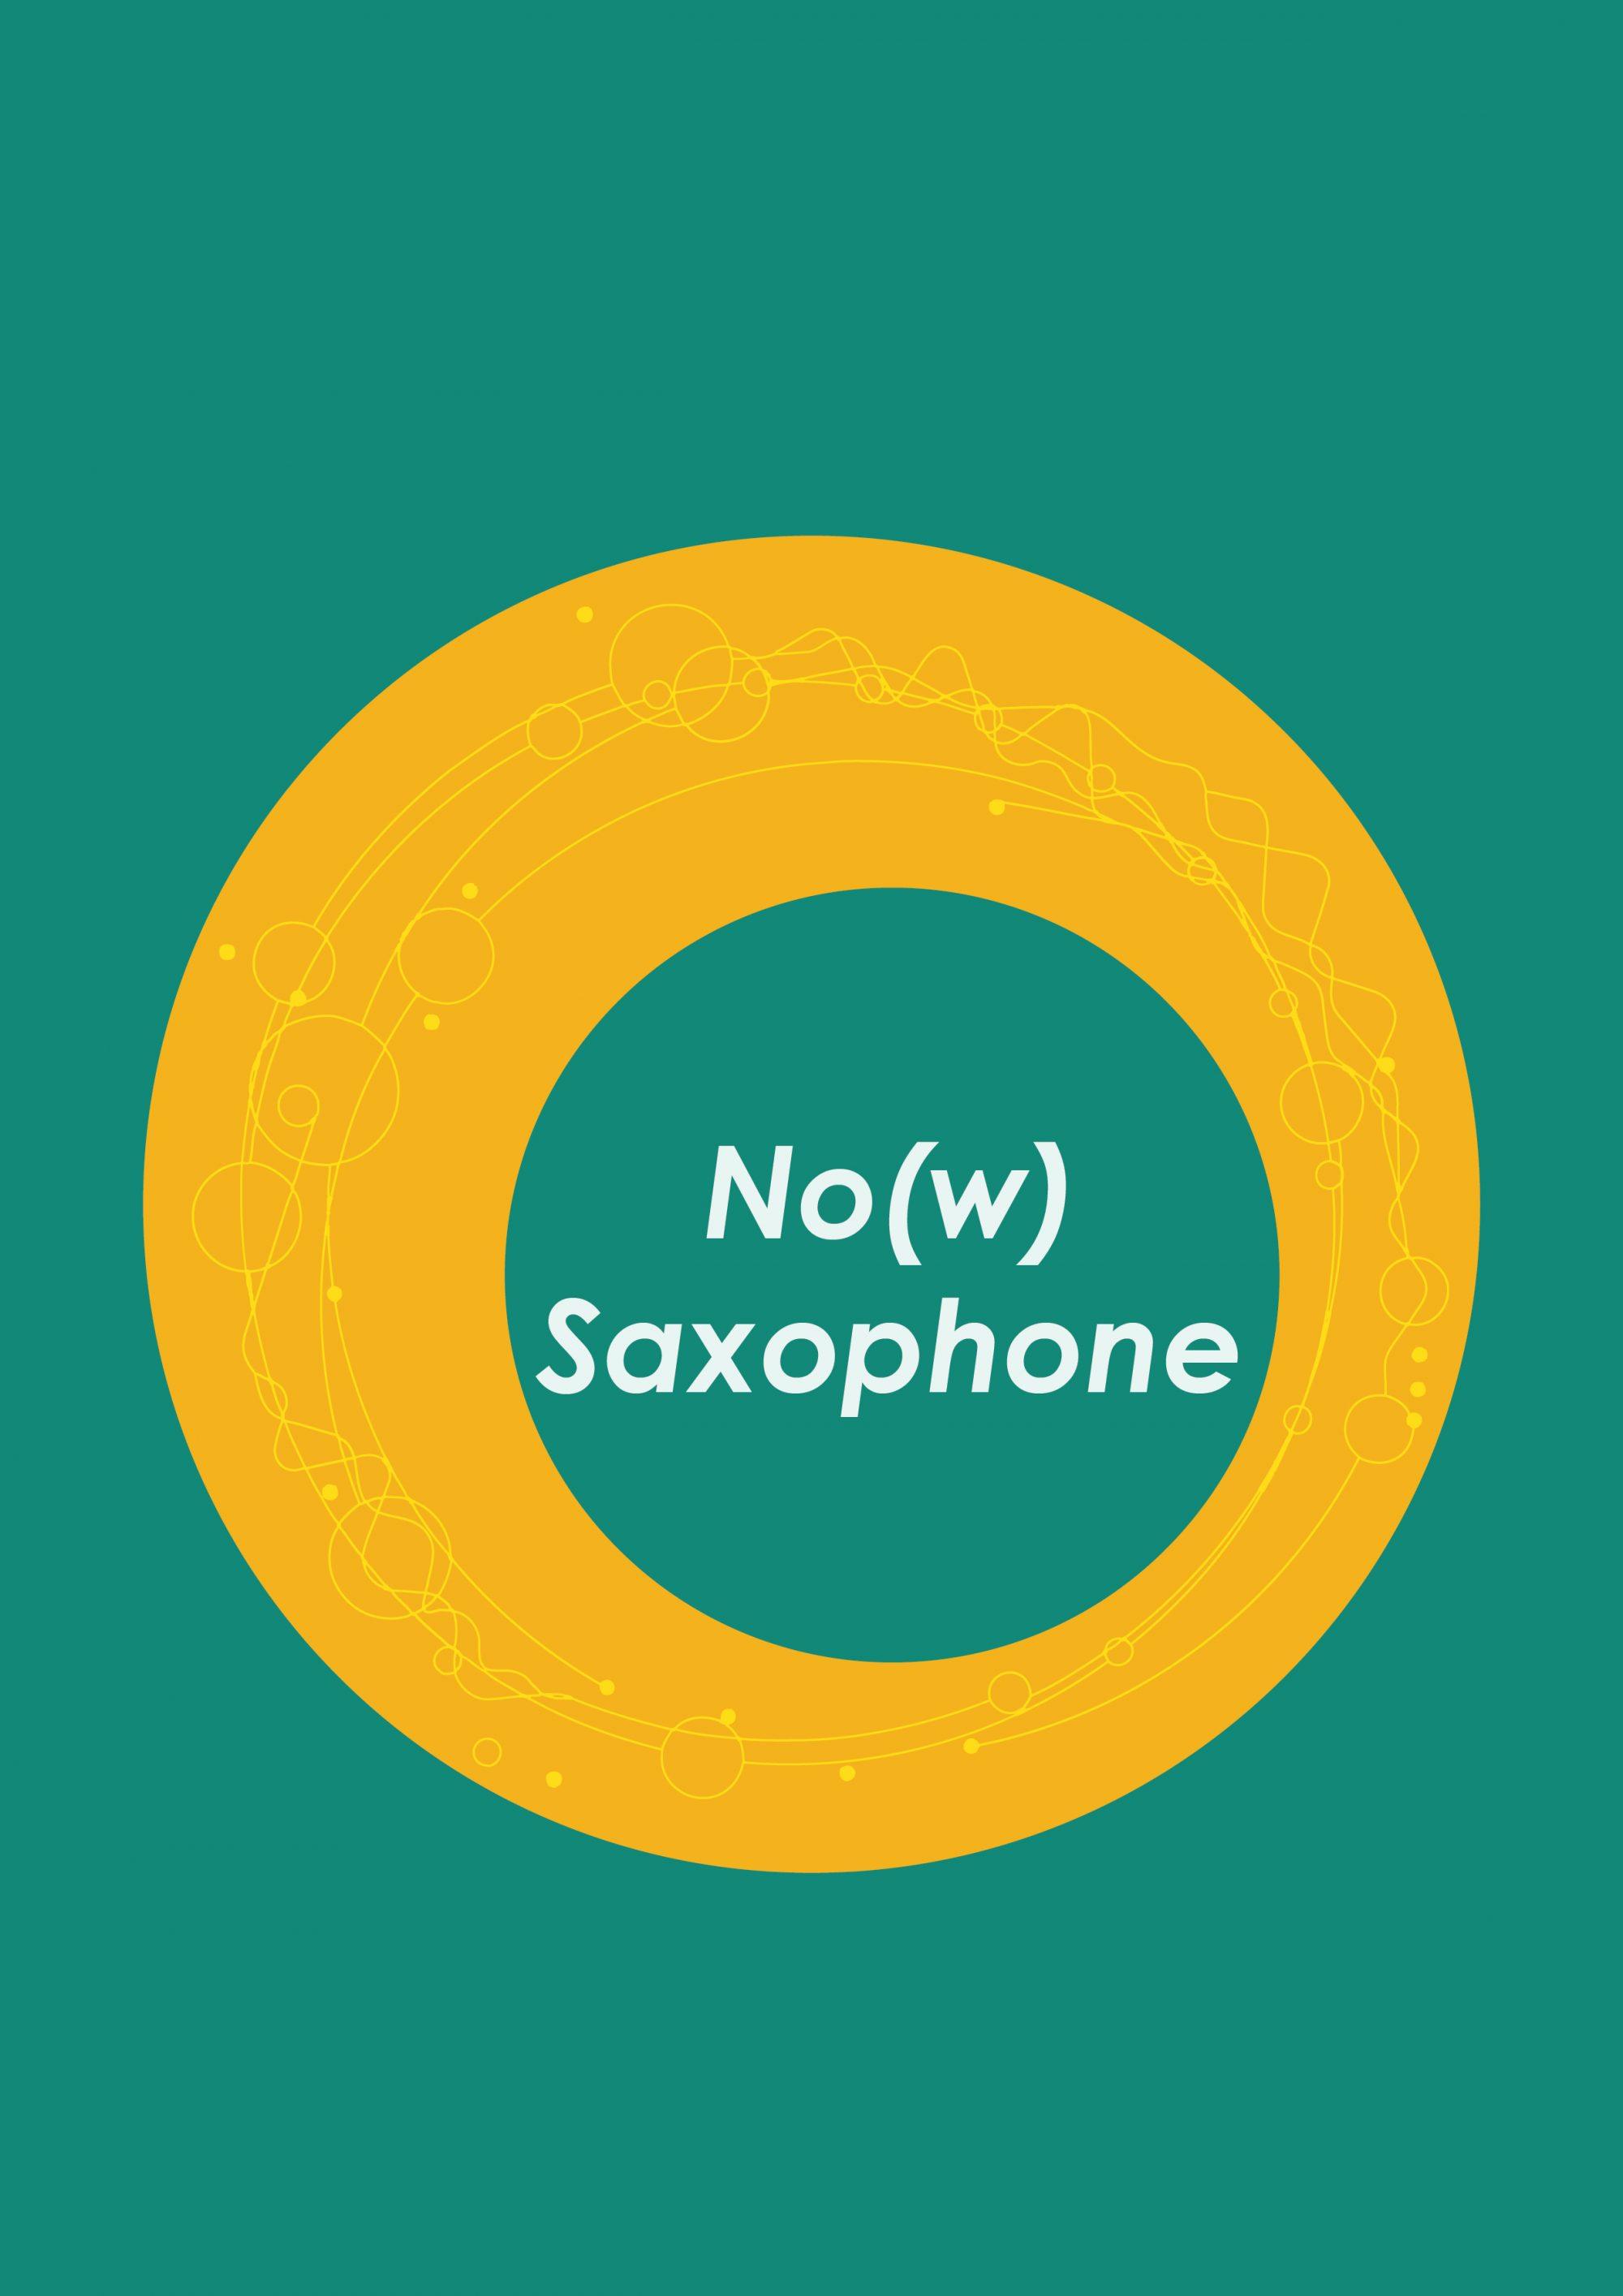 No(w) Saxophone